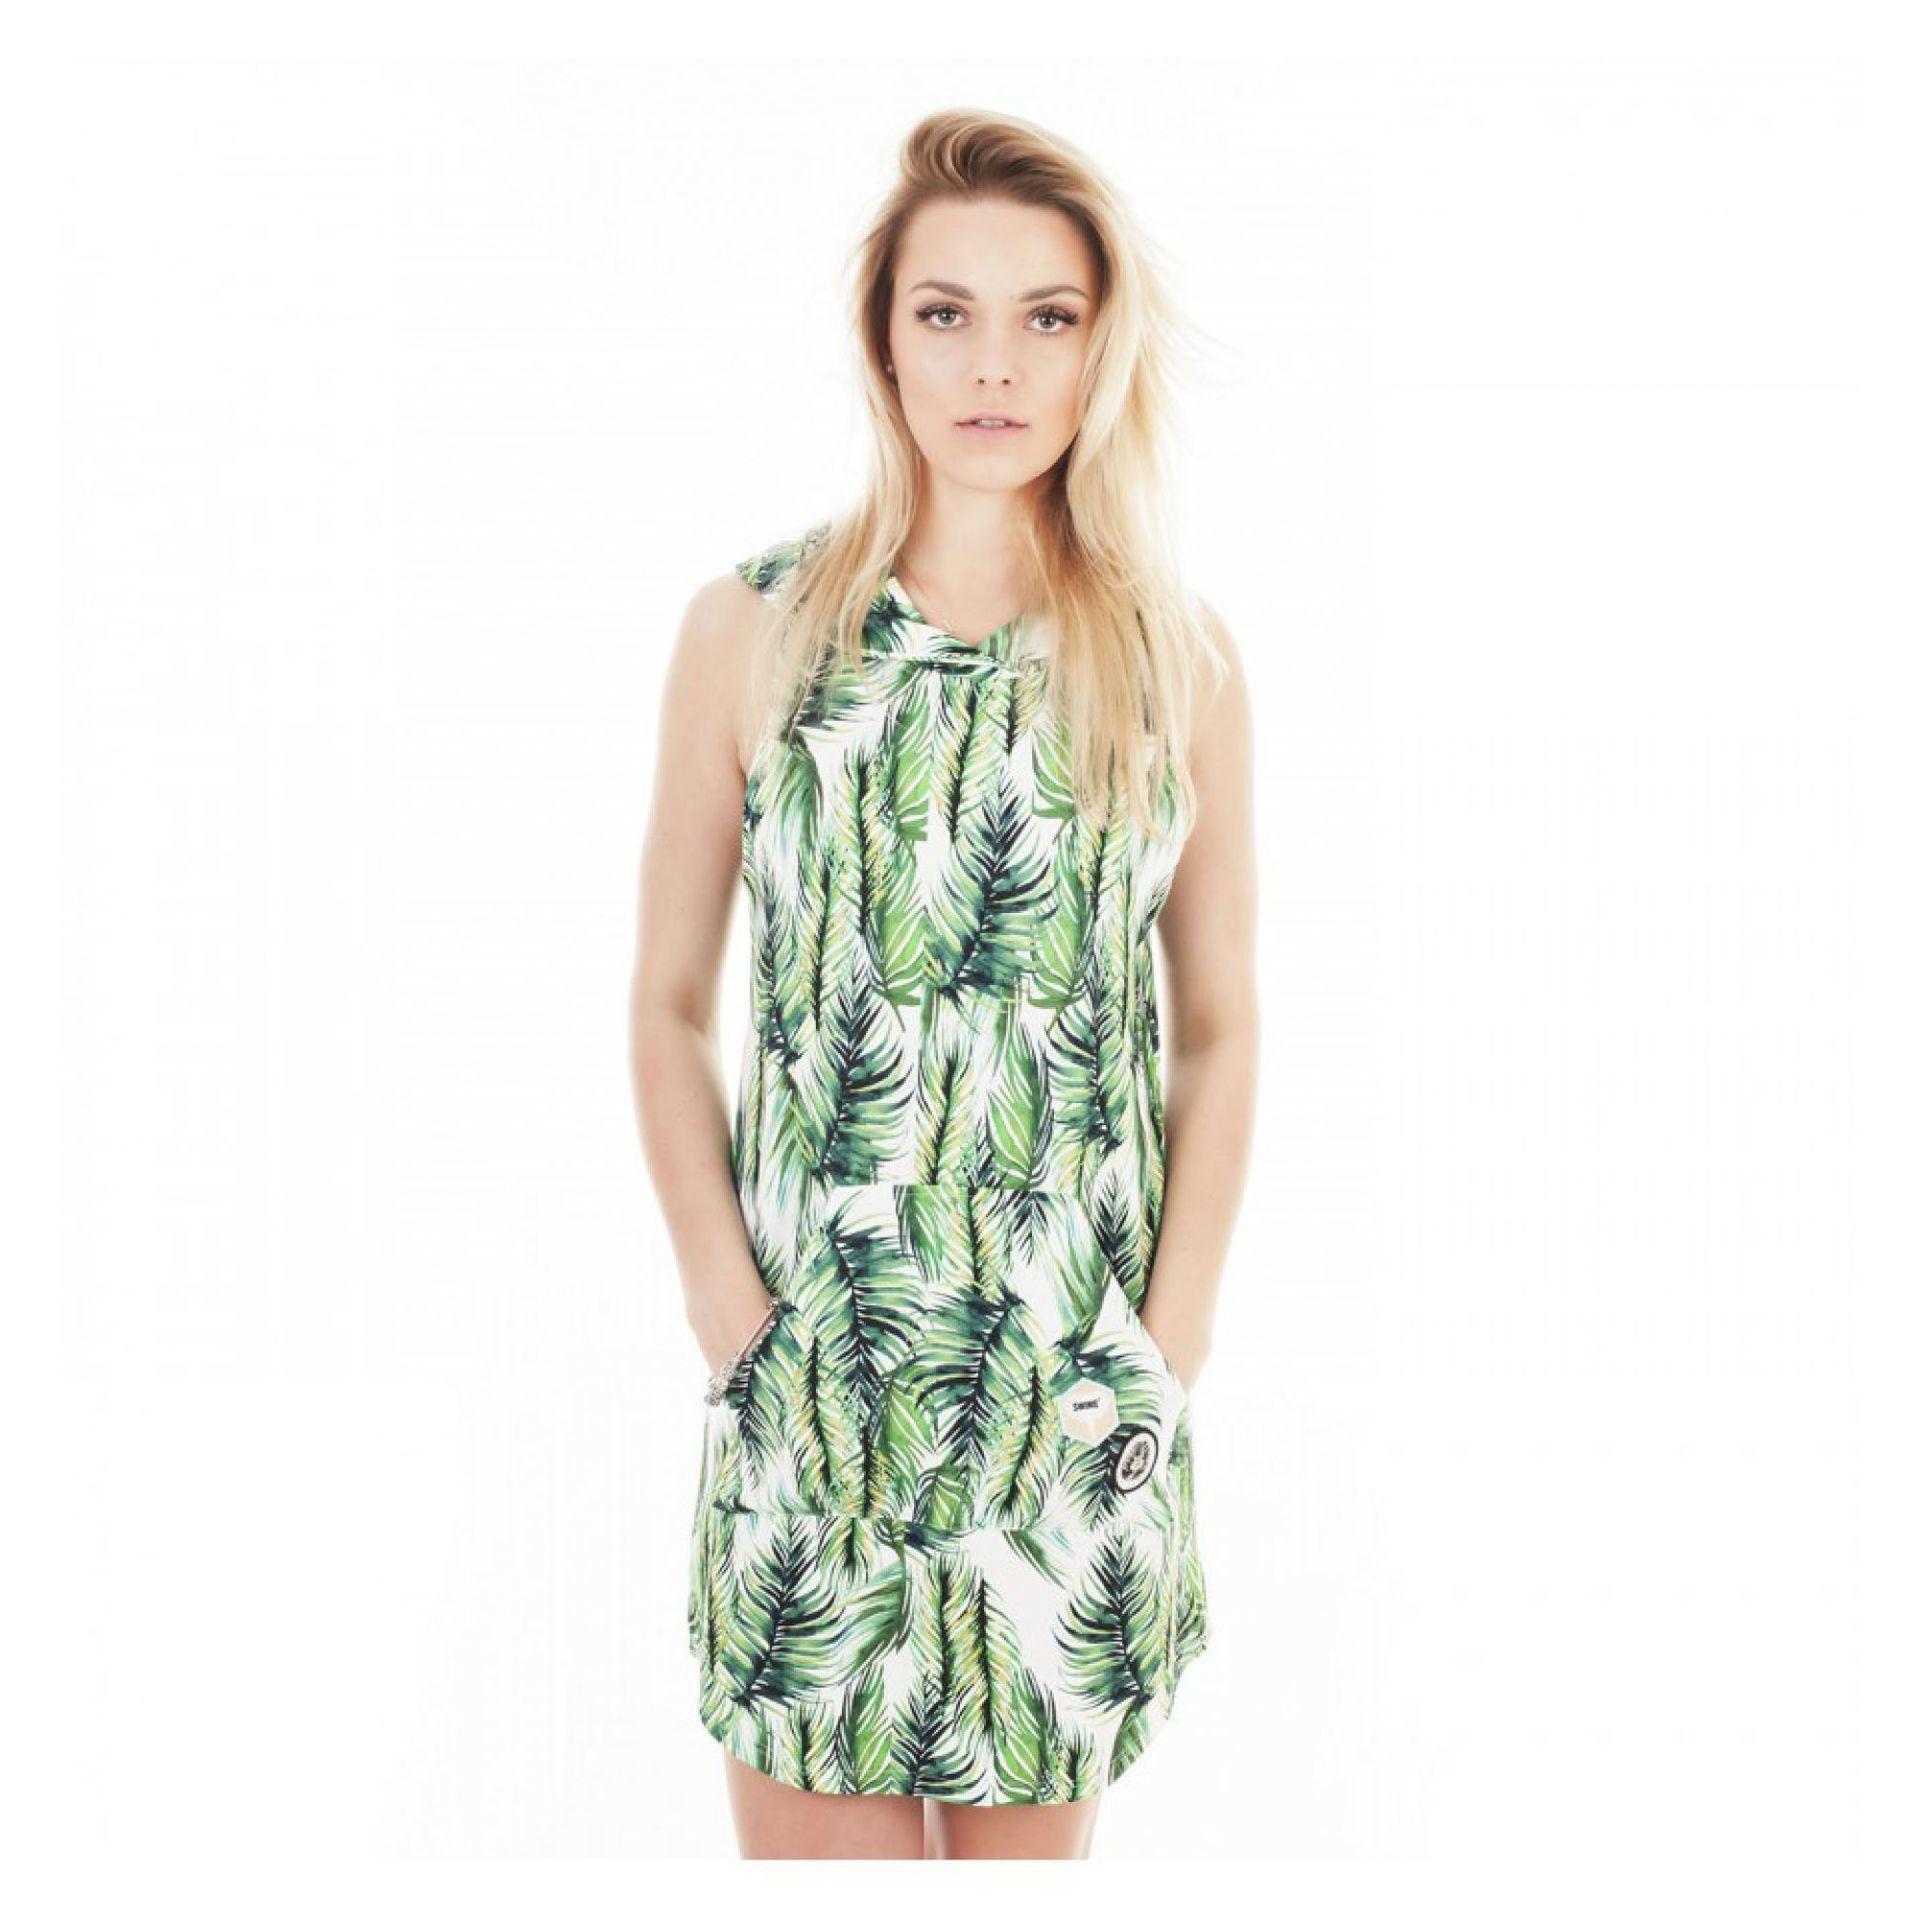 SUKIENKA ŚWINIE PALMS DRESS 2016 ZIELONY 1